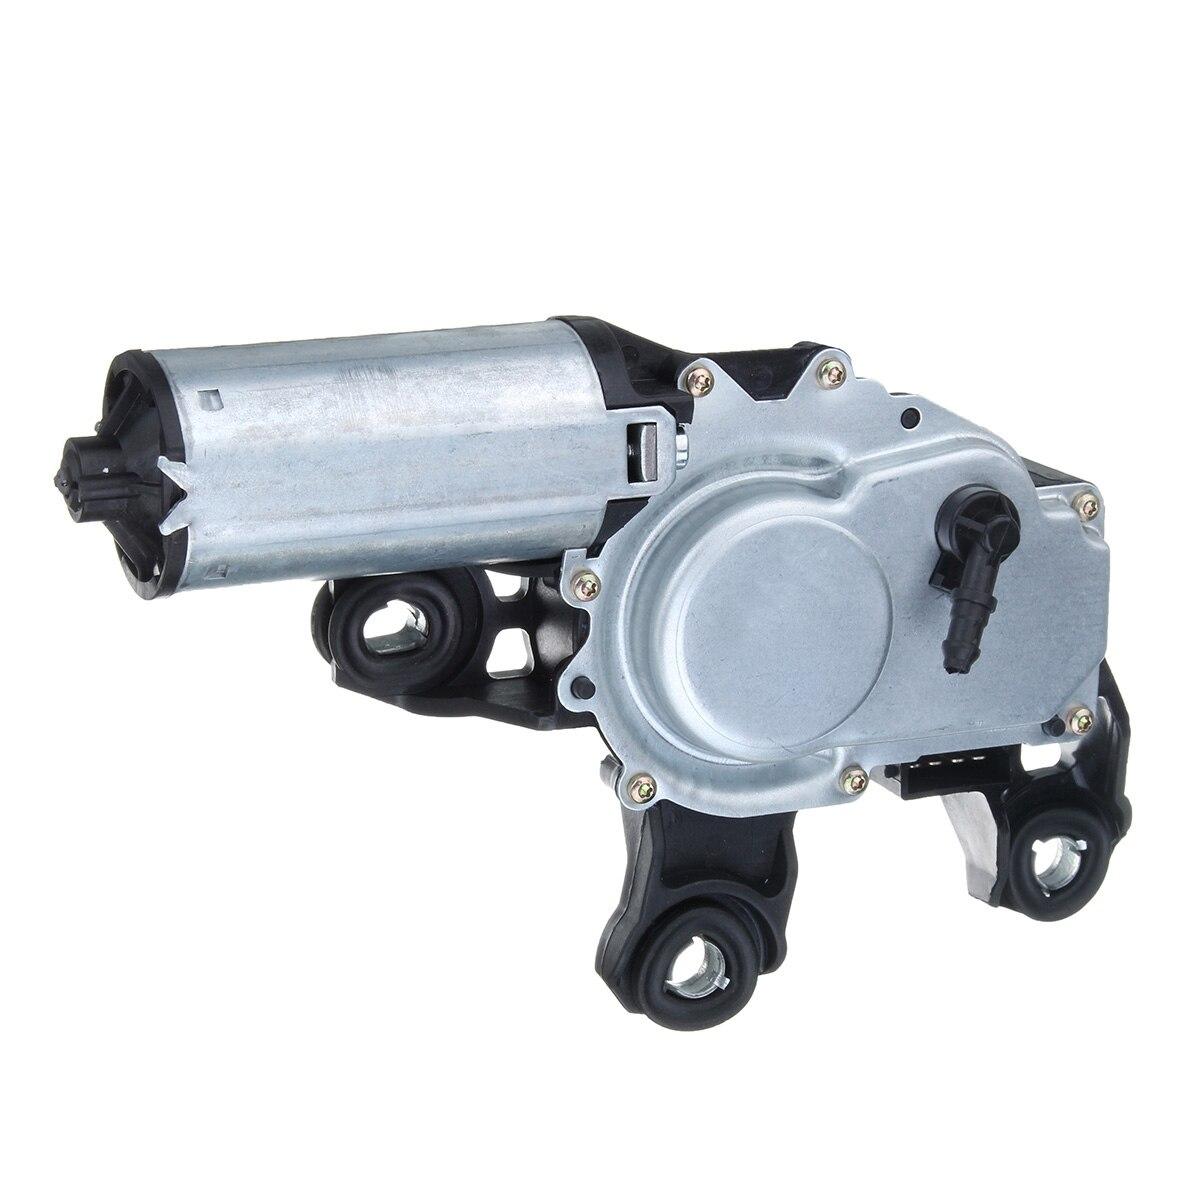 Auto Posteriore Tergicristallo Motore 4 Spilli Per VW Golf Bora Seat Leon per Skoda Fabia 1J9955711 1J6955711F 1J6955711B 1J6955711G